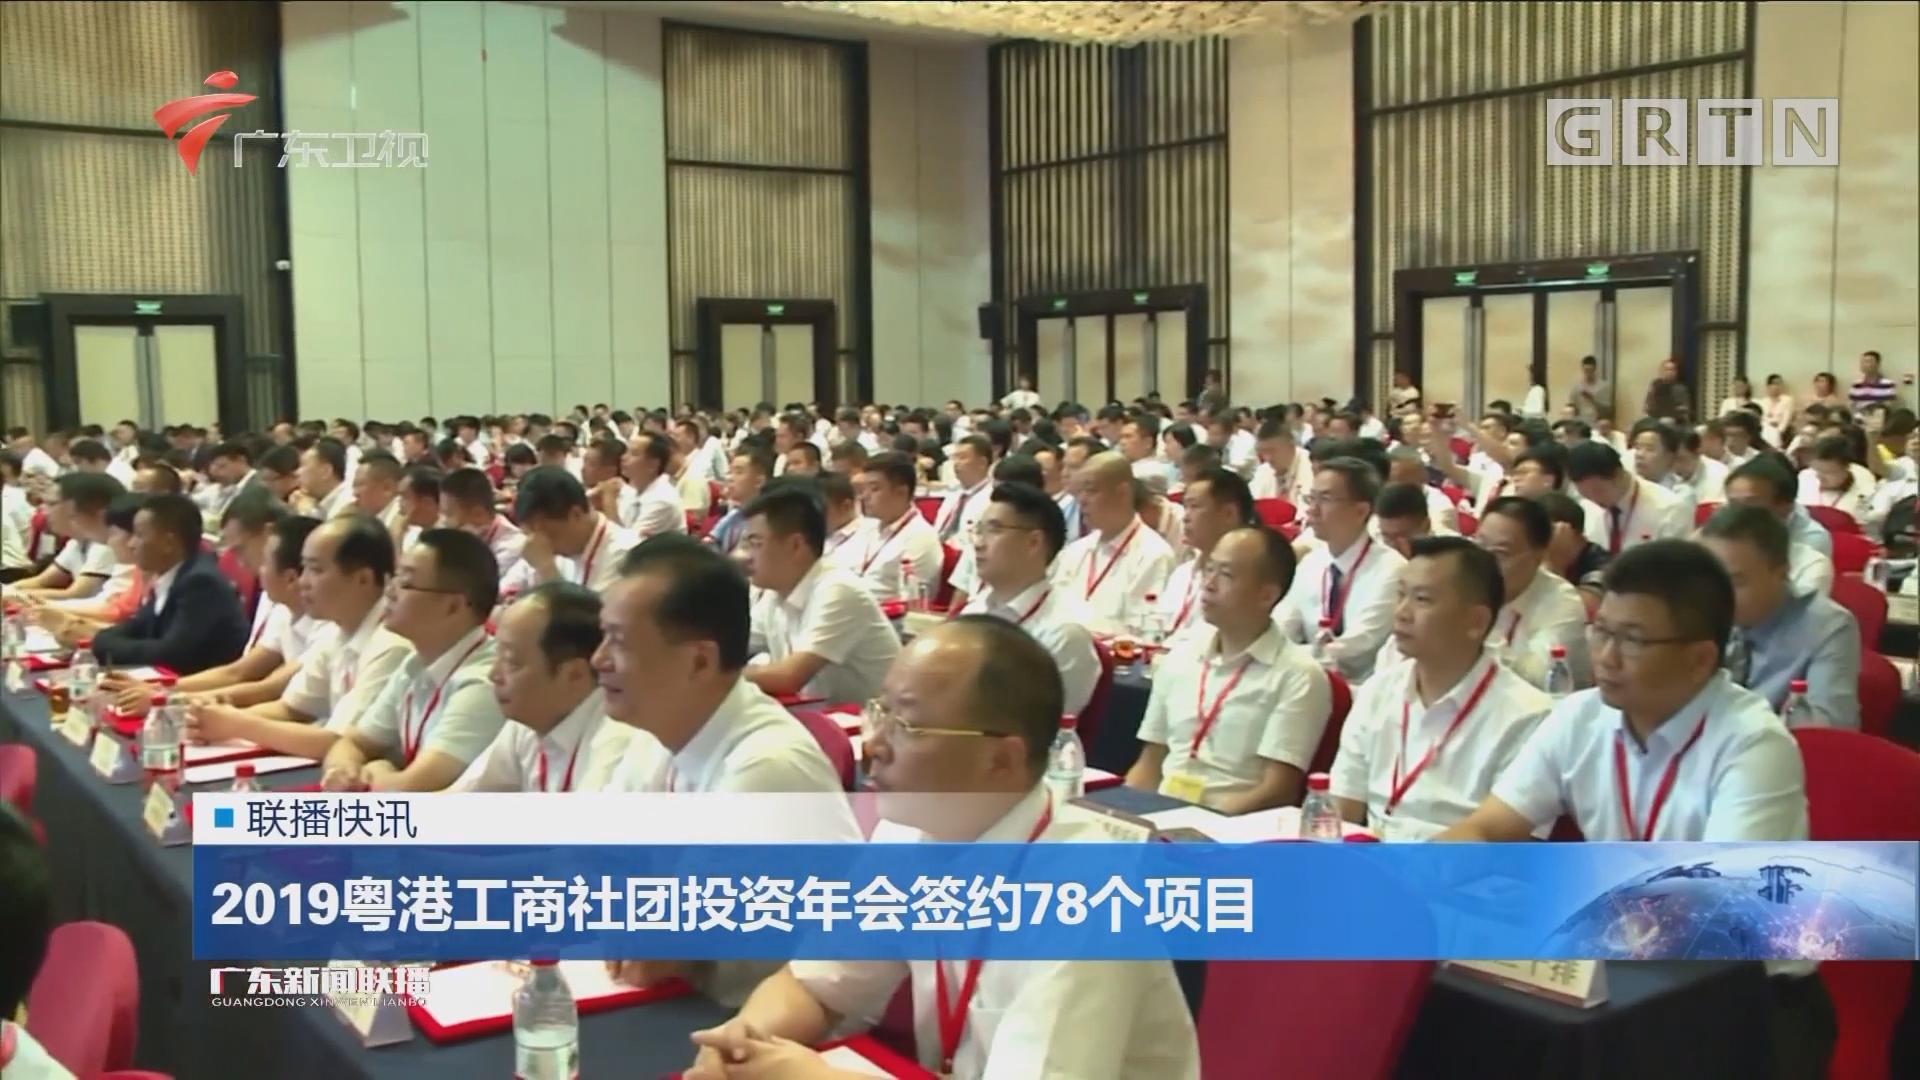 2019粤港工商社团投资年会签约78个项目